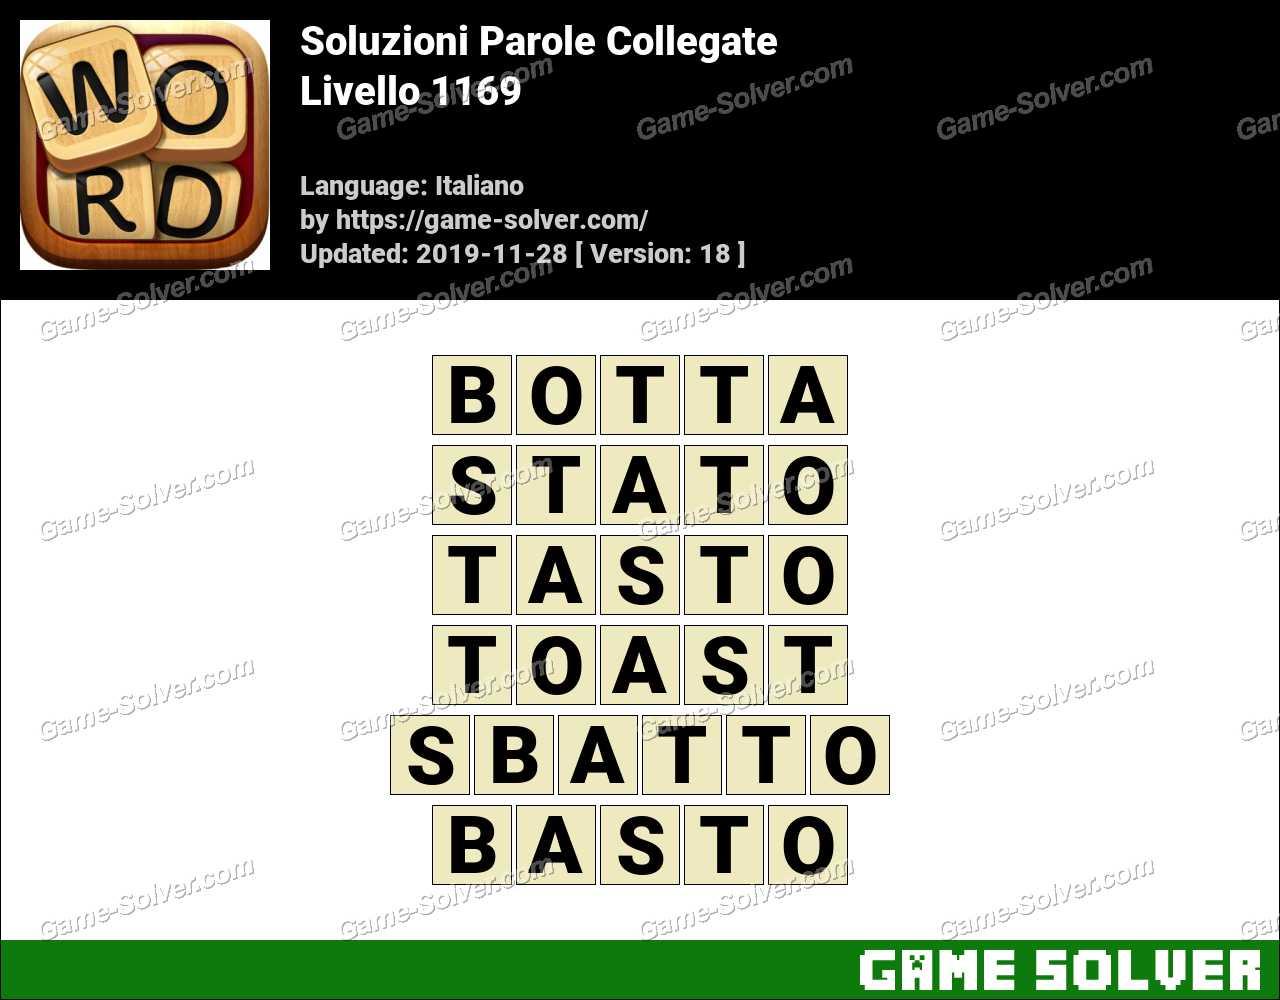 Soluzioni Parole Collegate Livello 1169